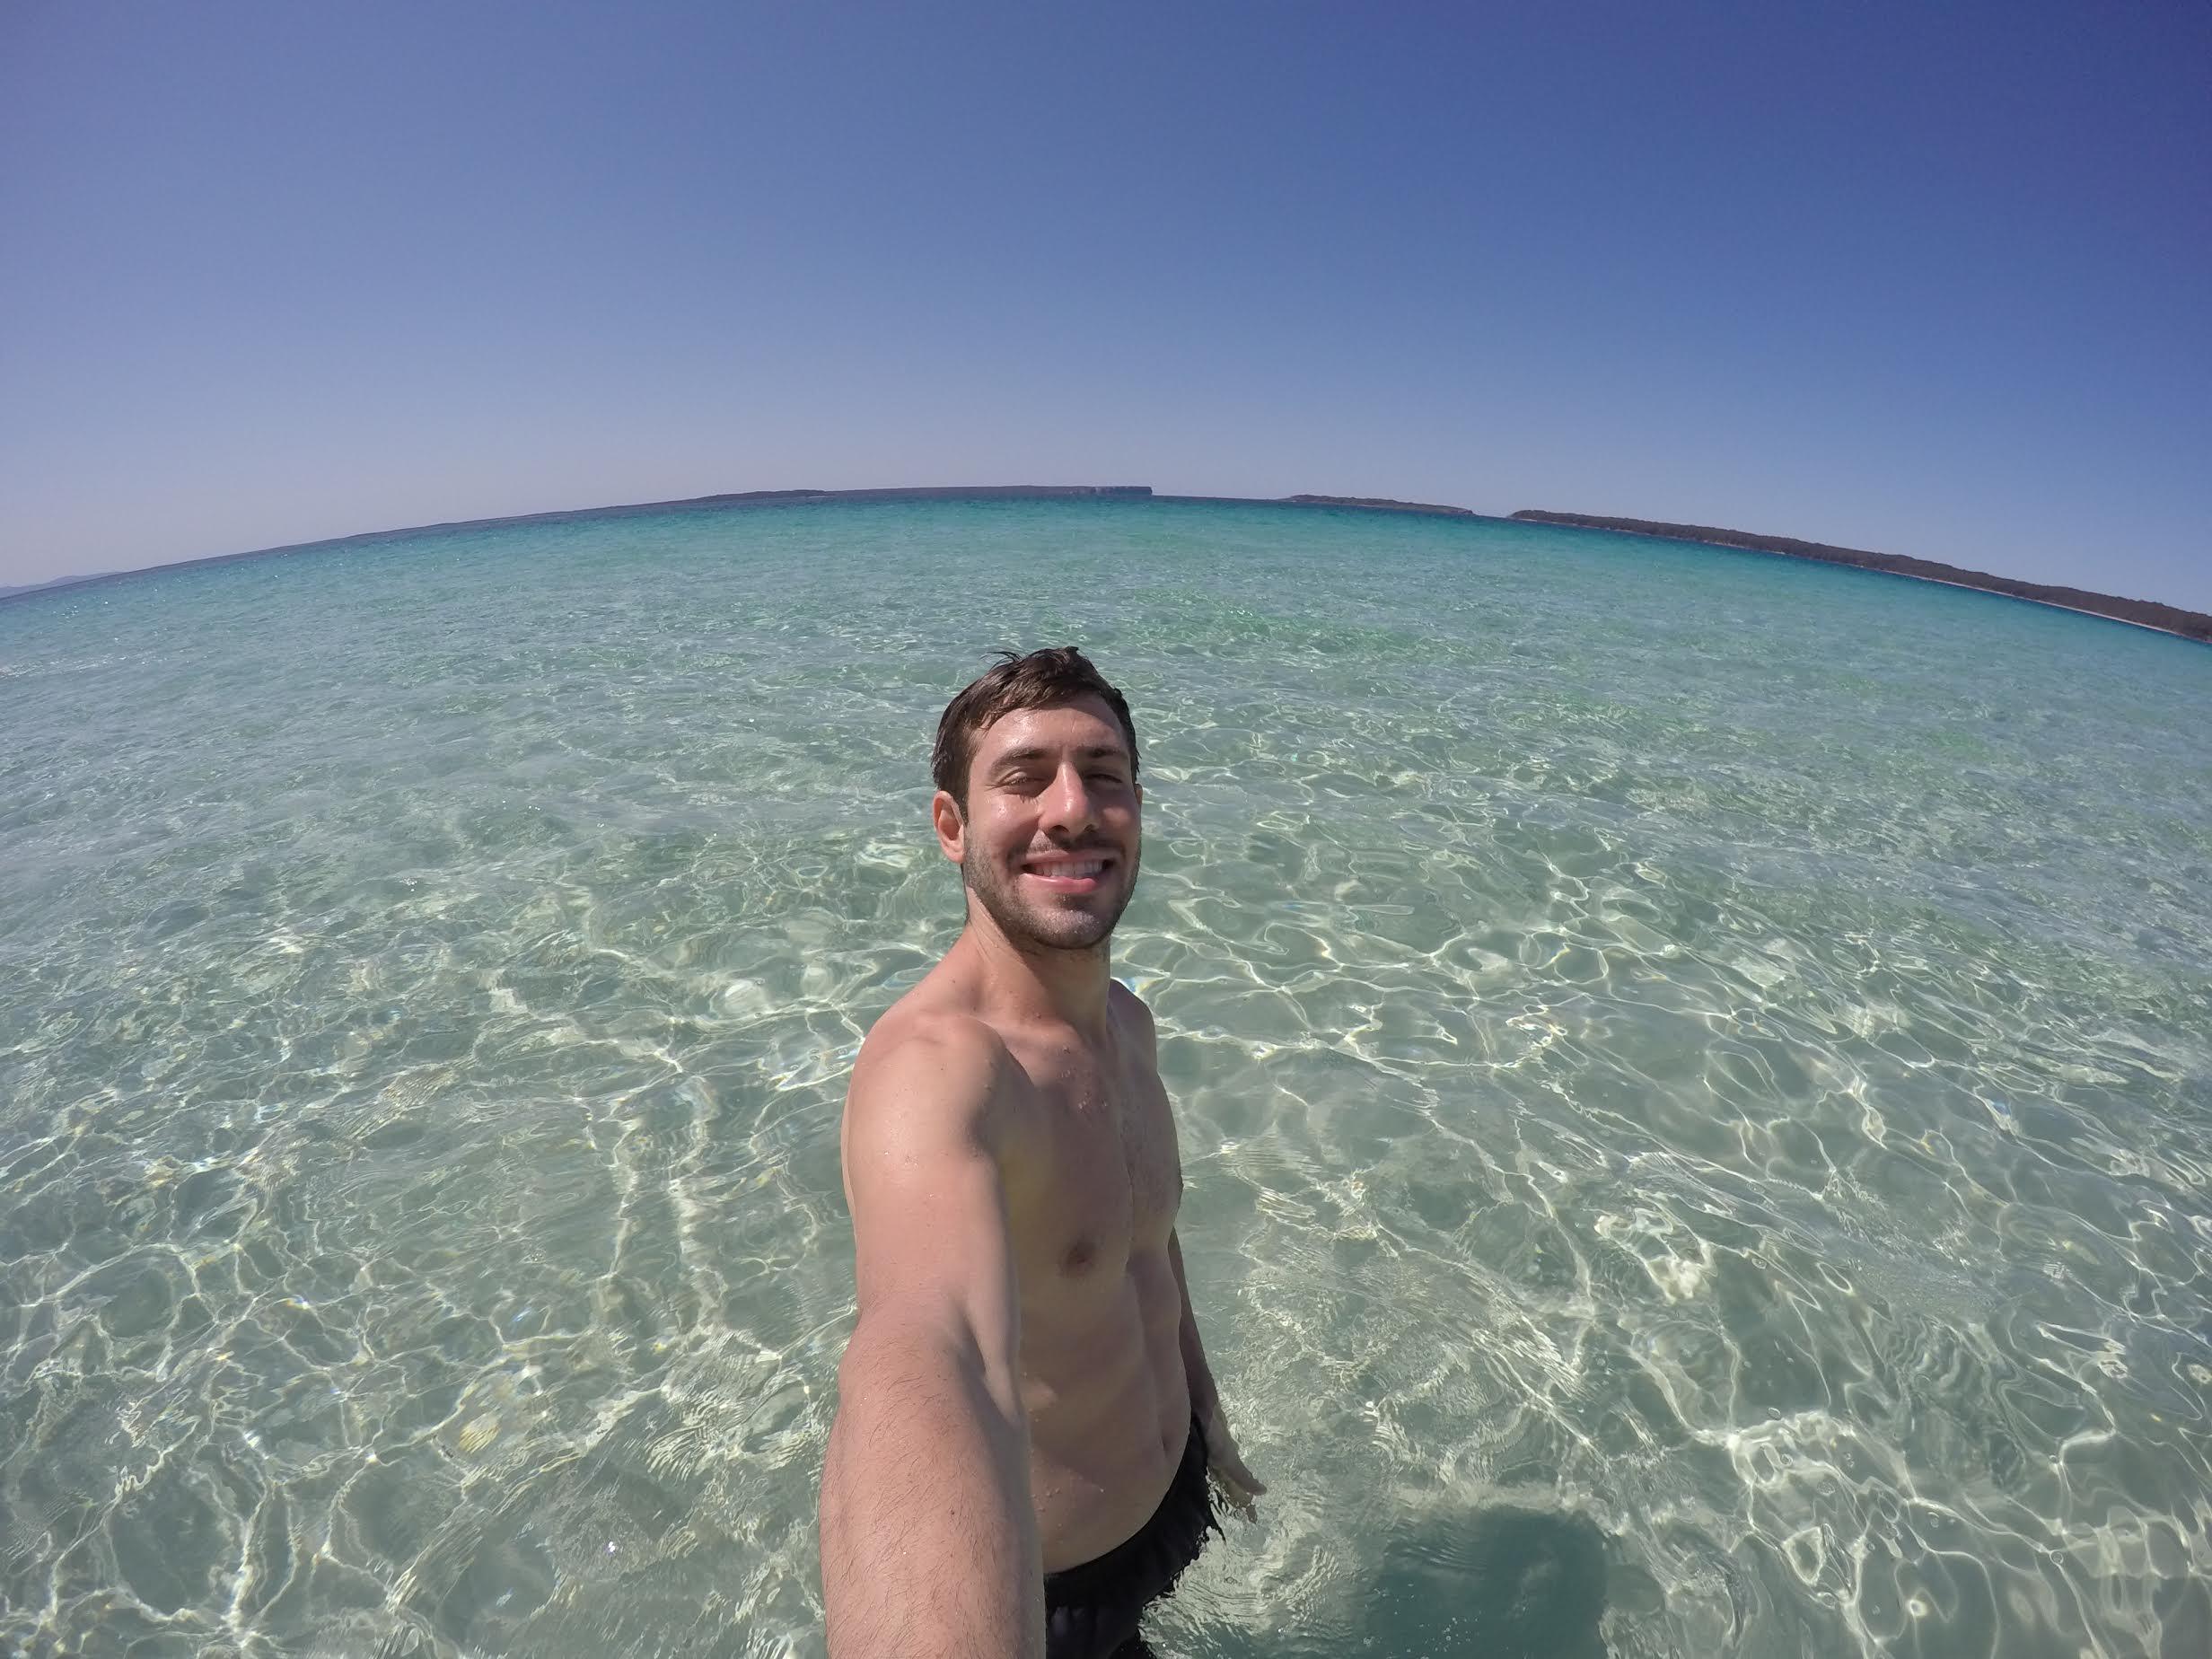 João Paulo's profile picture